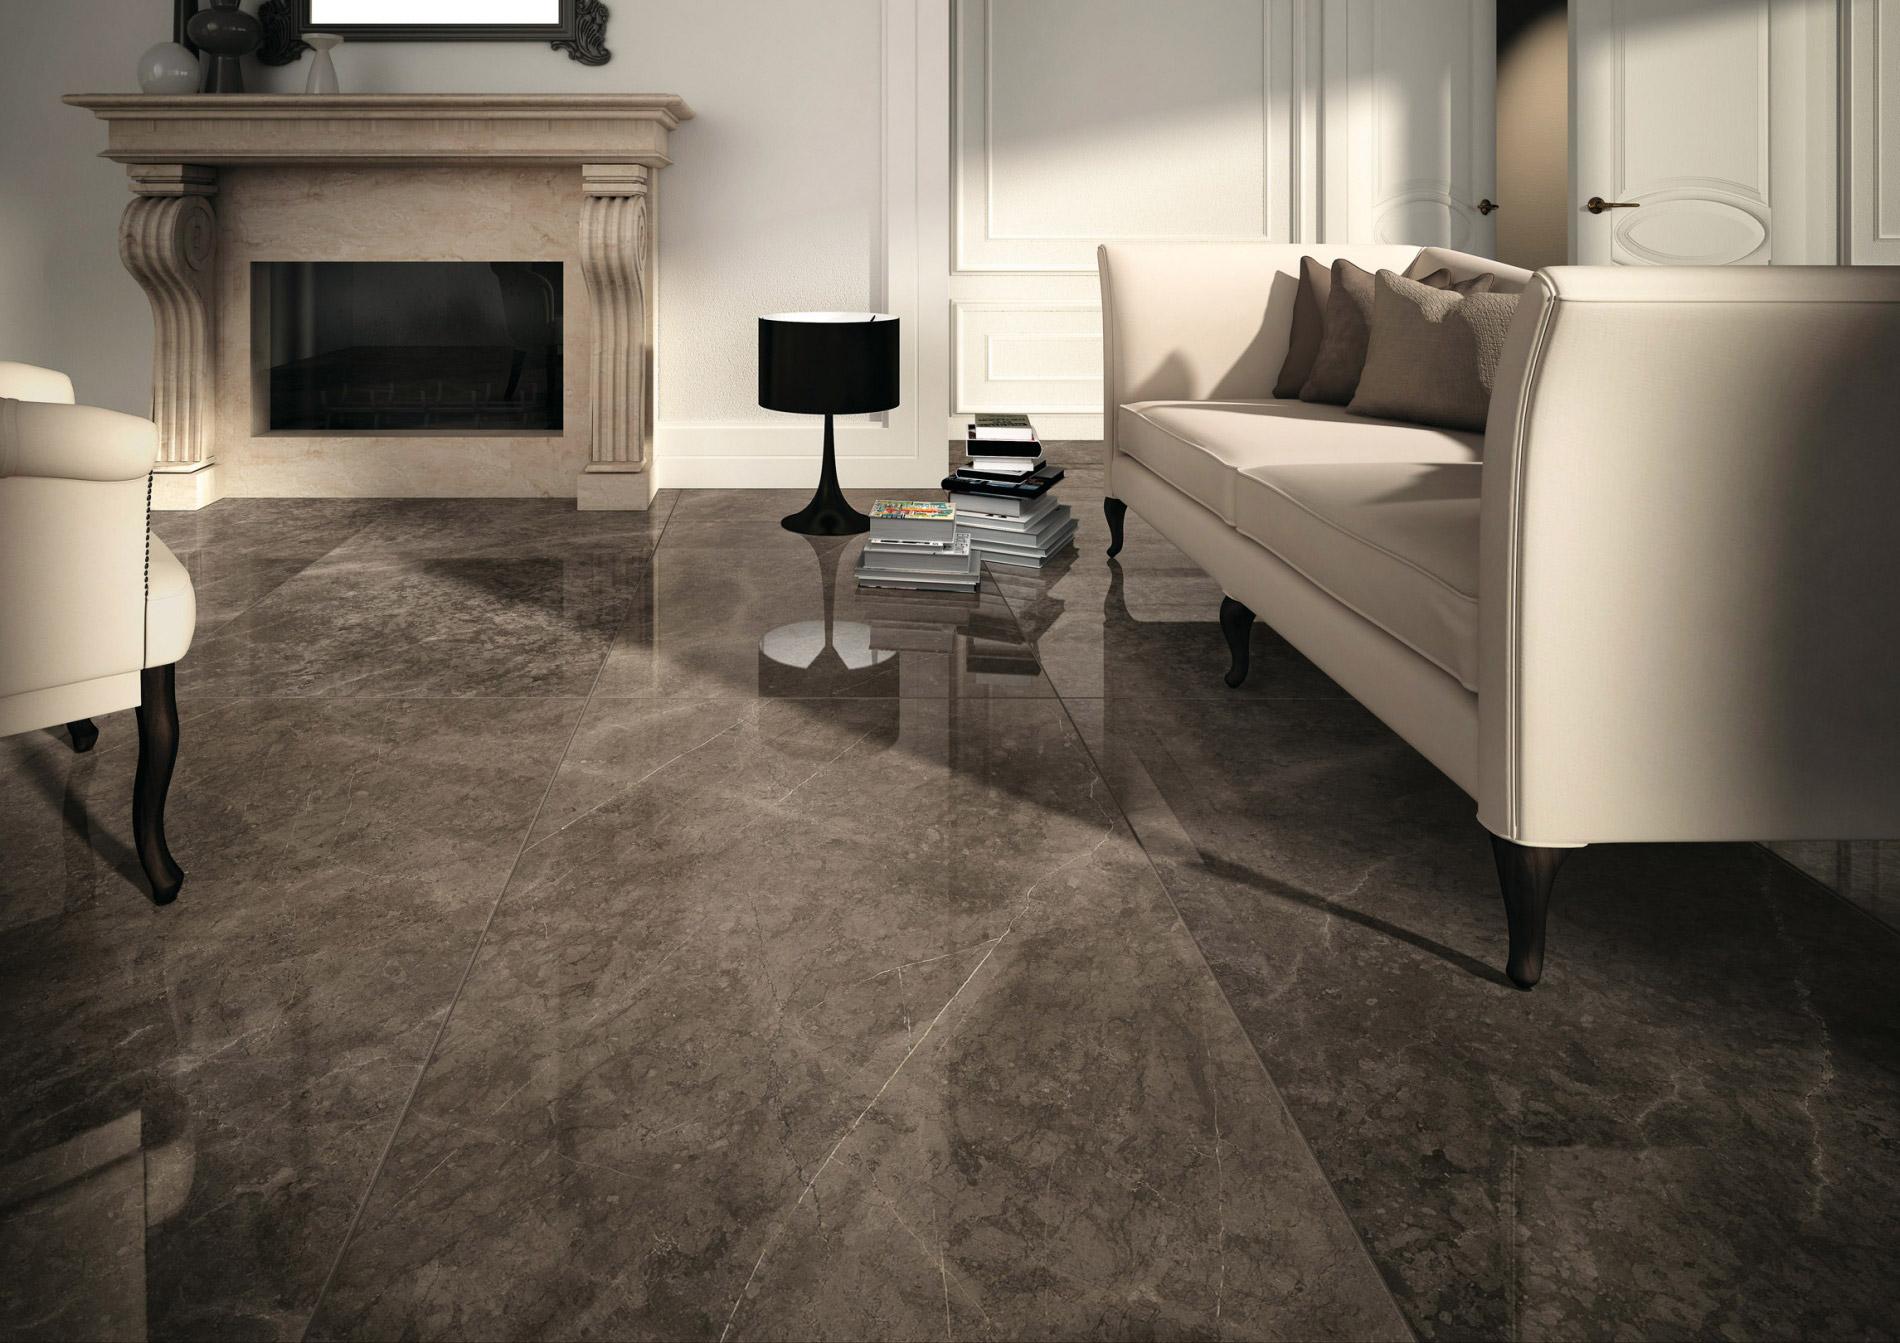 porcelain tile example: Corona range high resolution photo